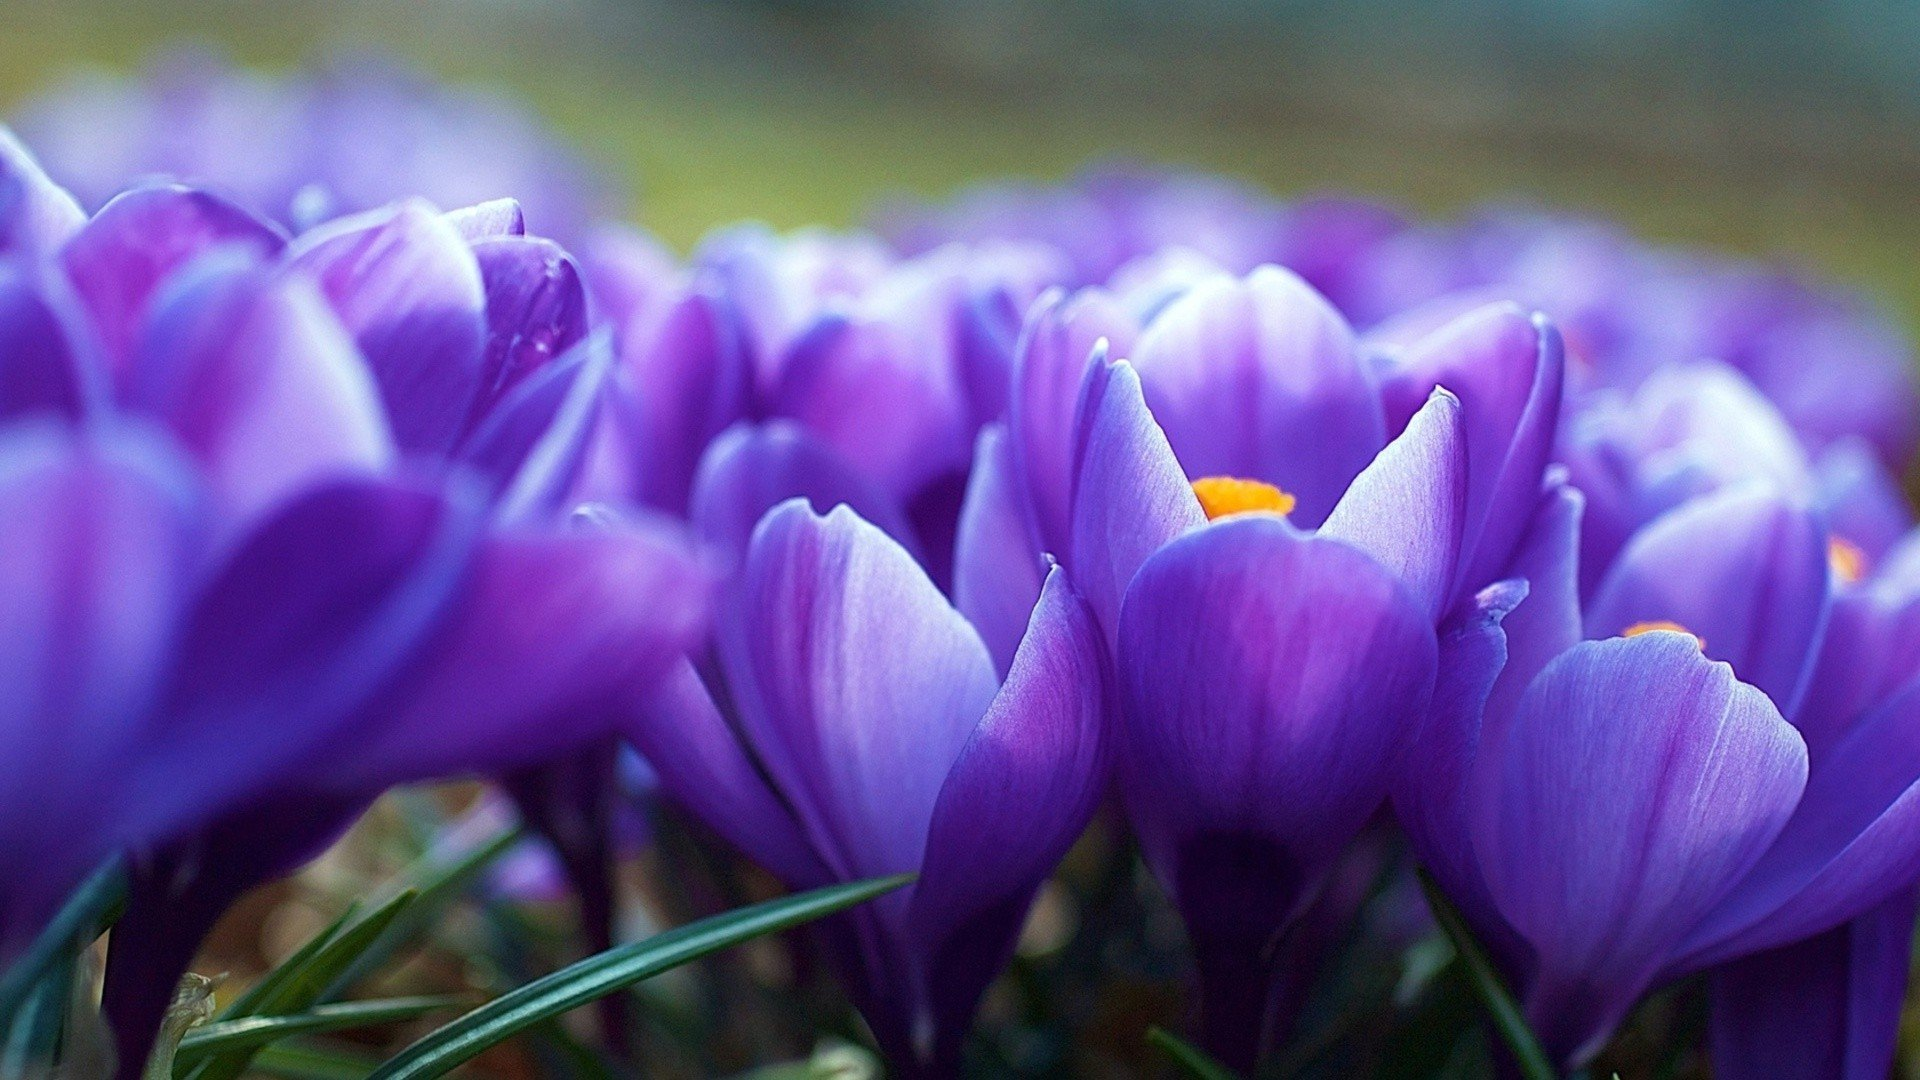 Фото для обоев на рабочий стол весна